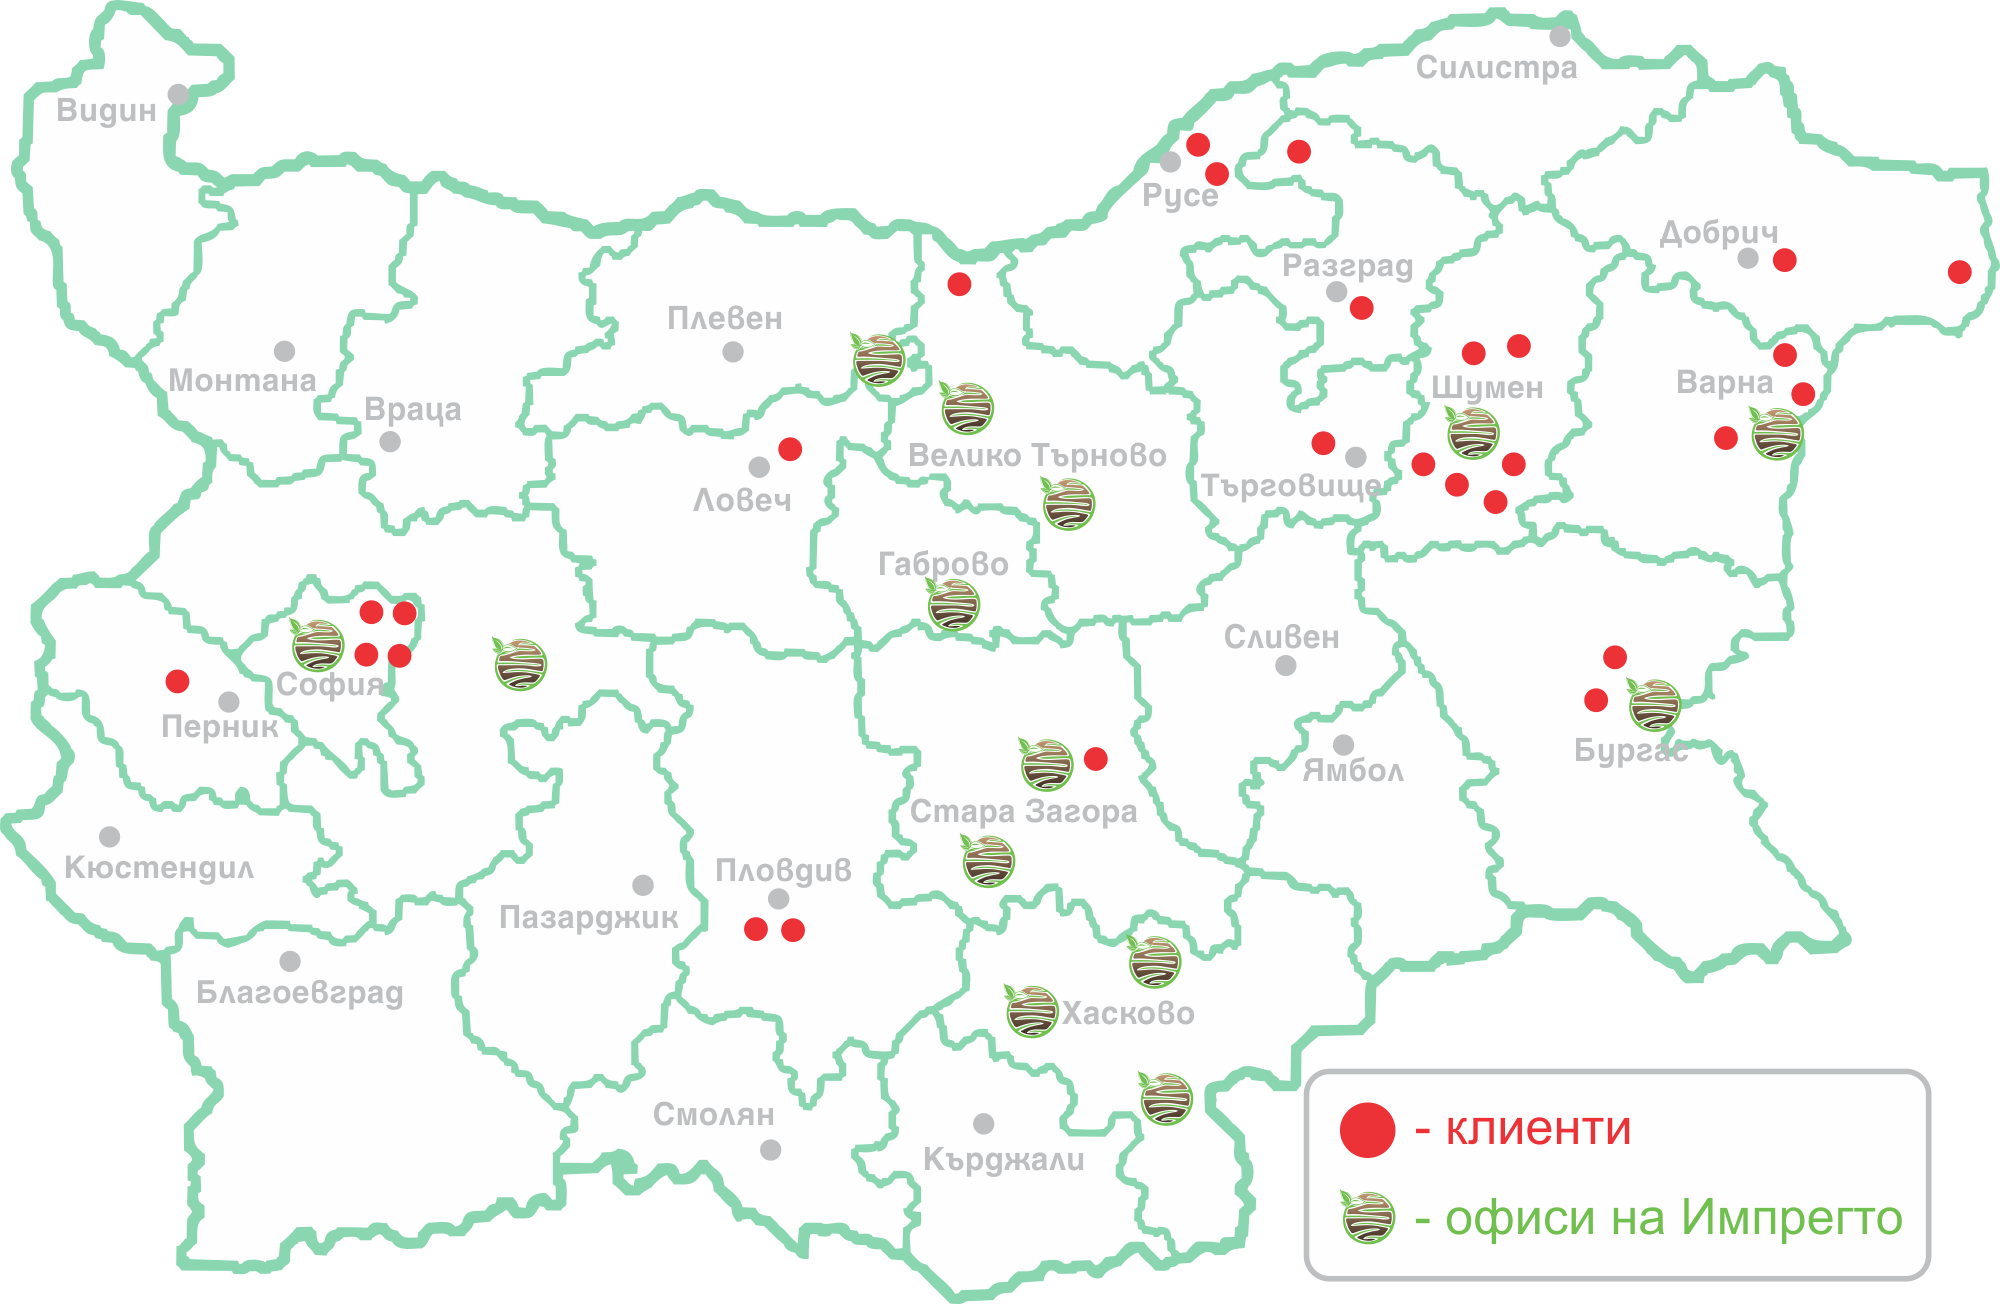 Клиентите на Импрегто  отразени на картата на България